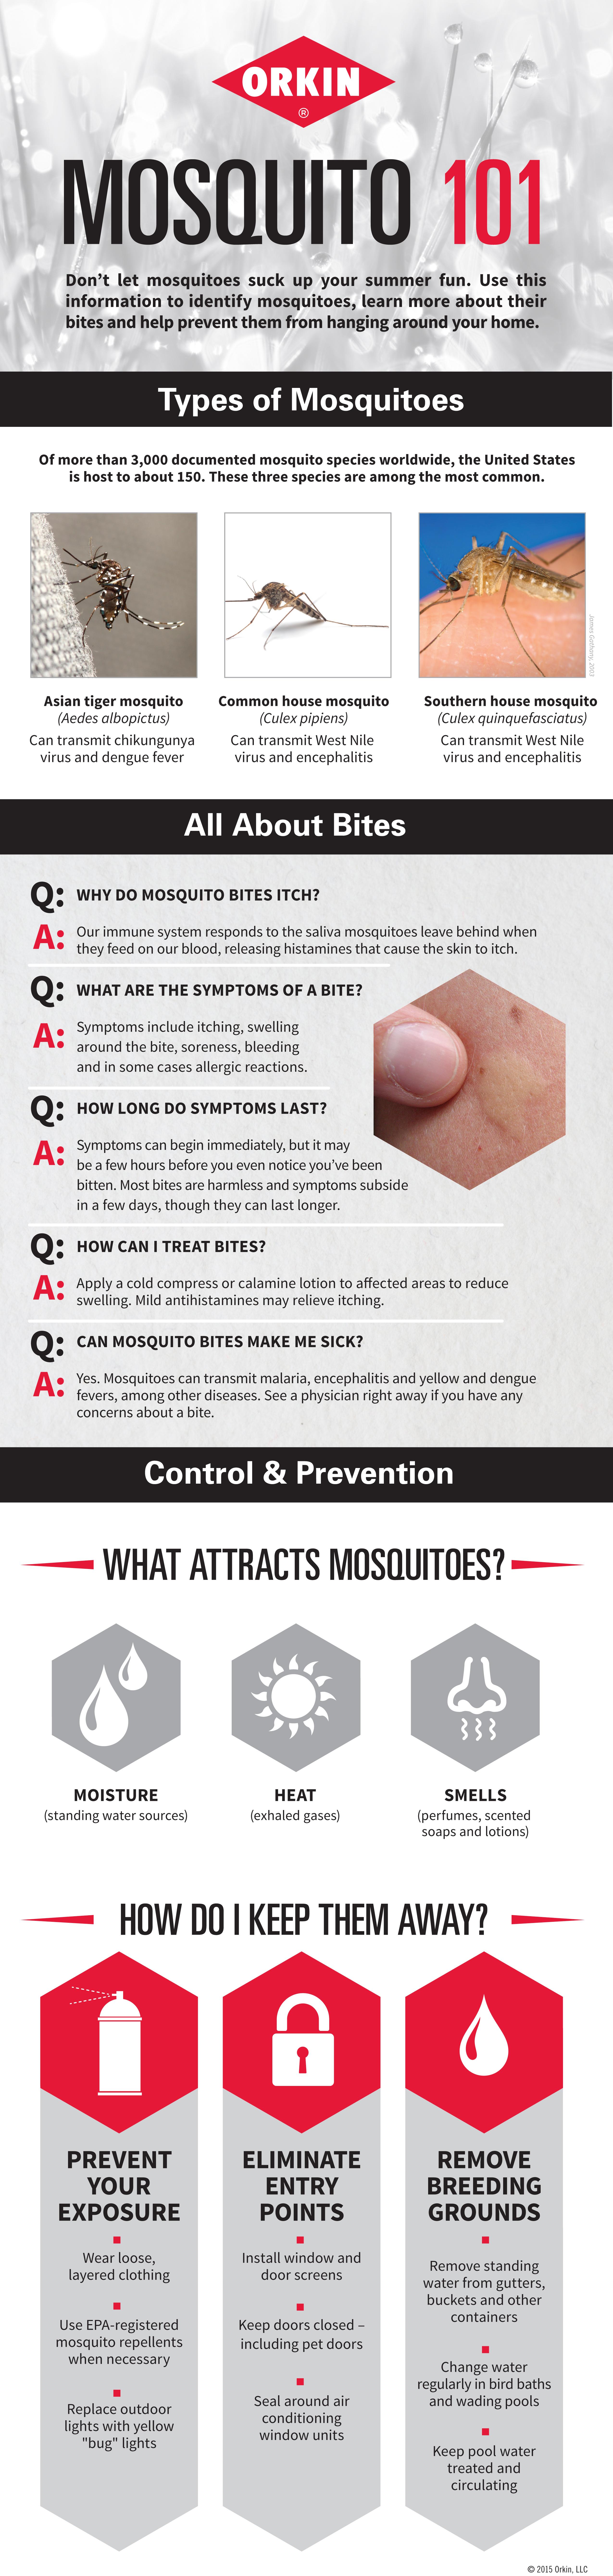 mosquito infographic